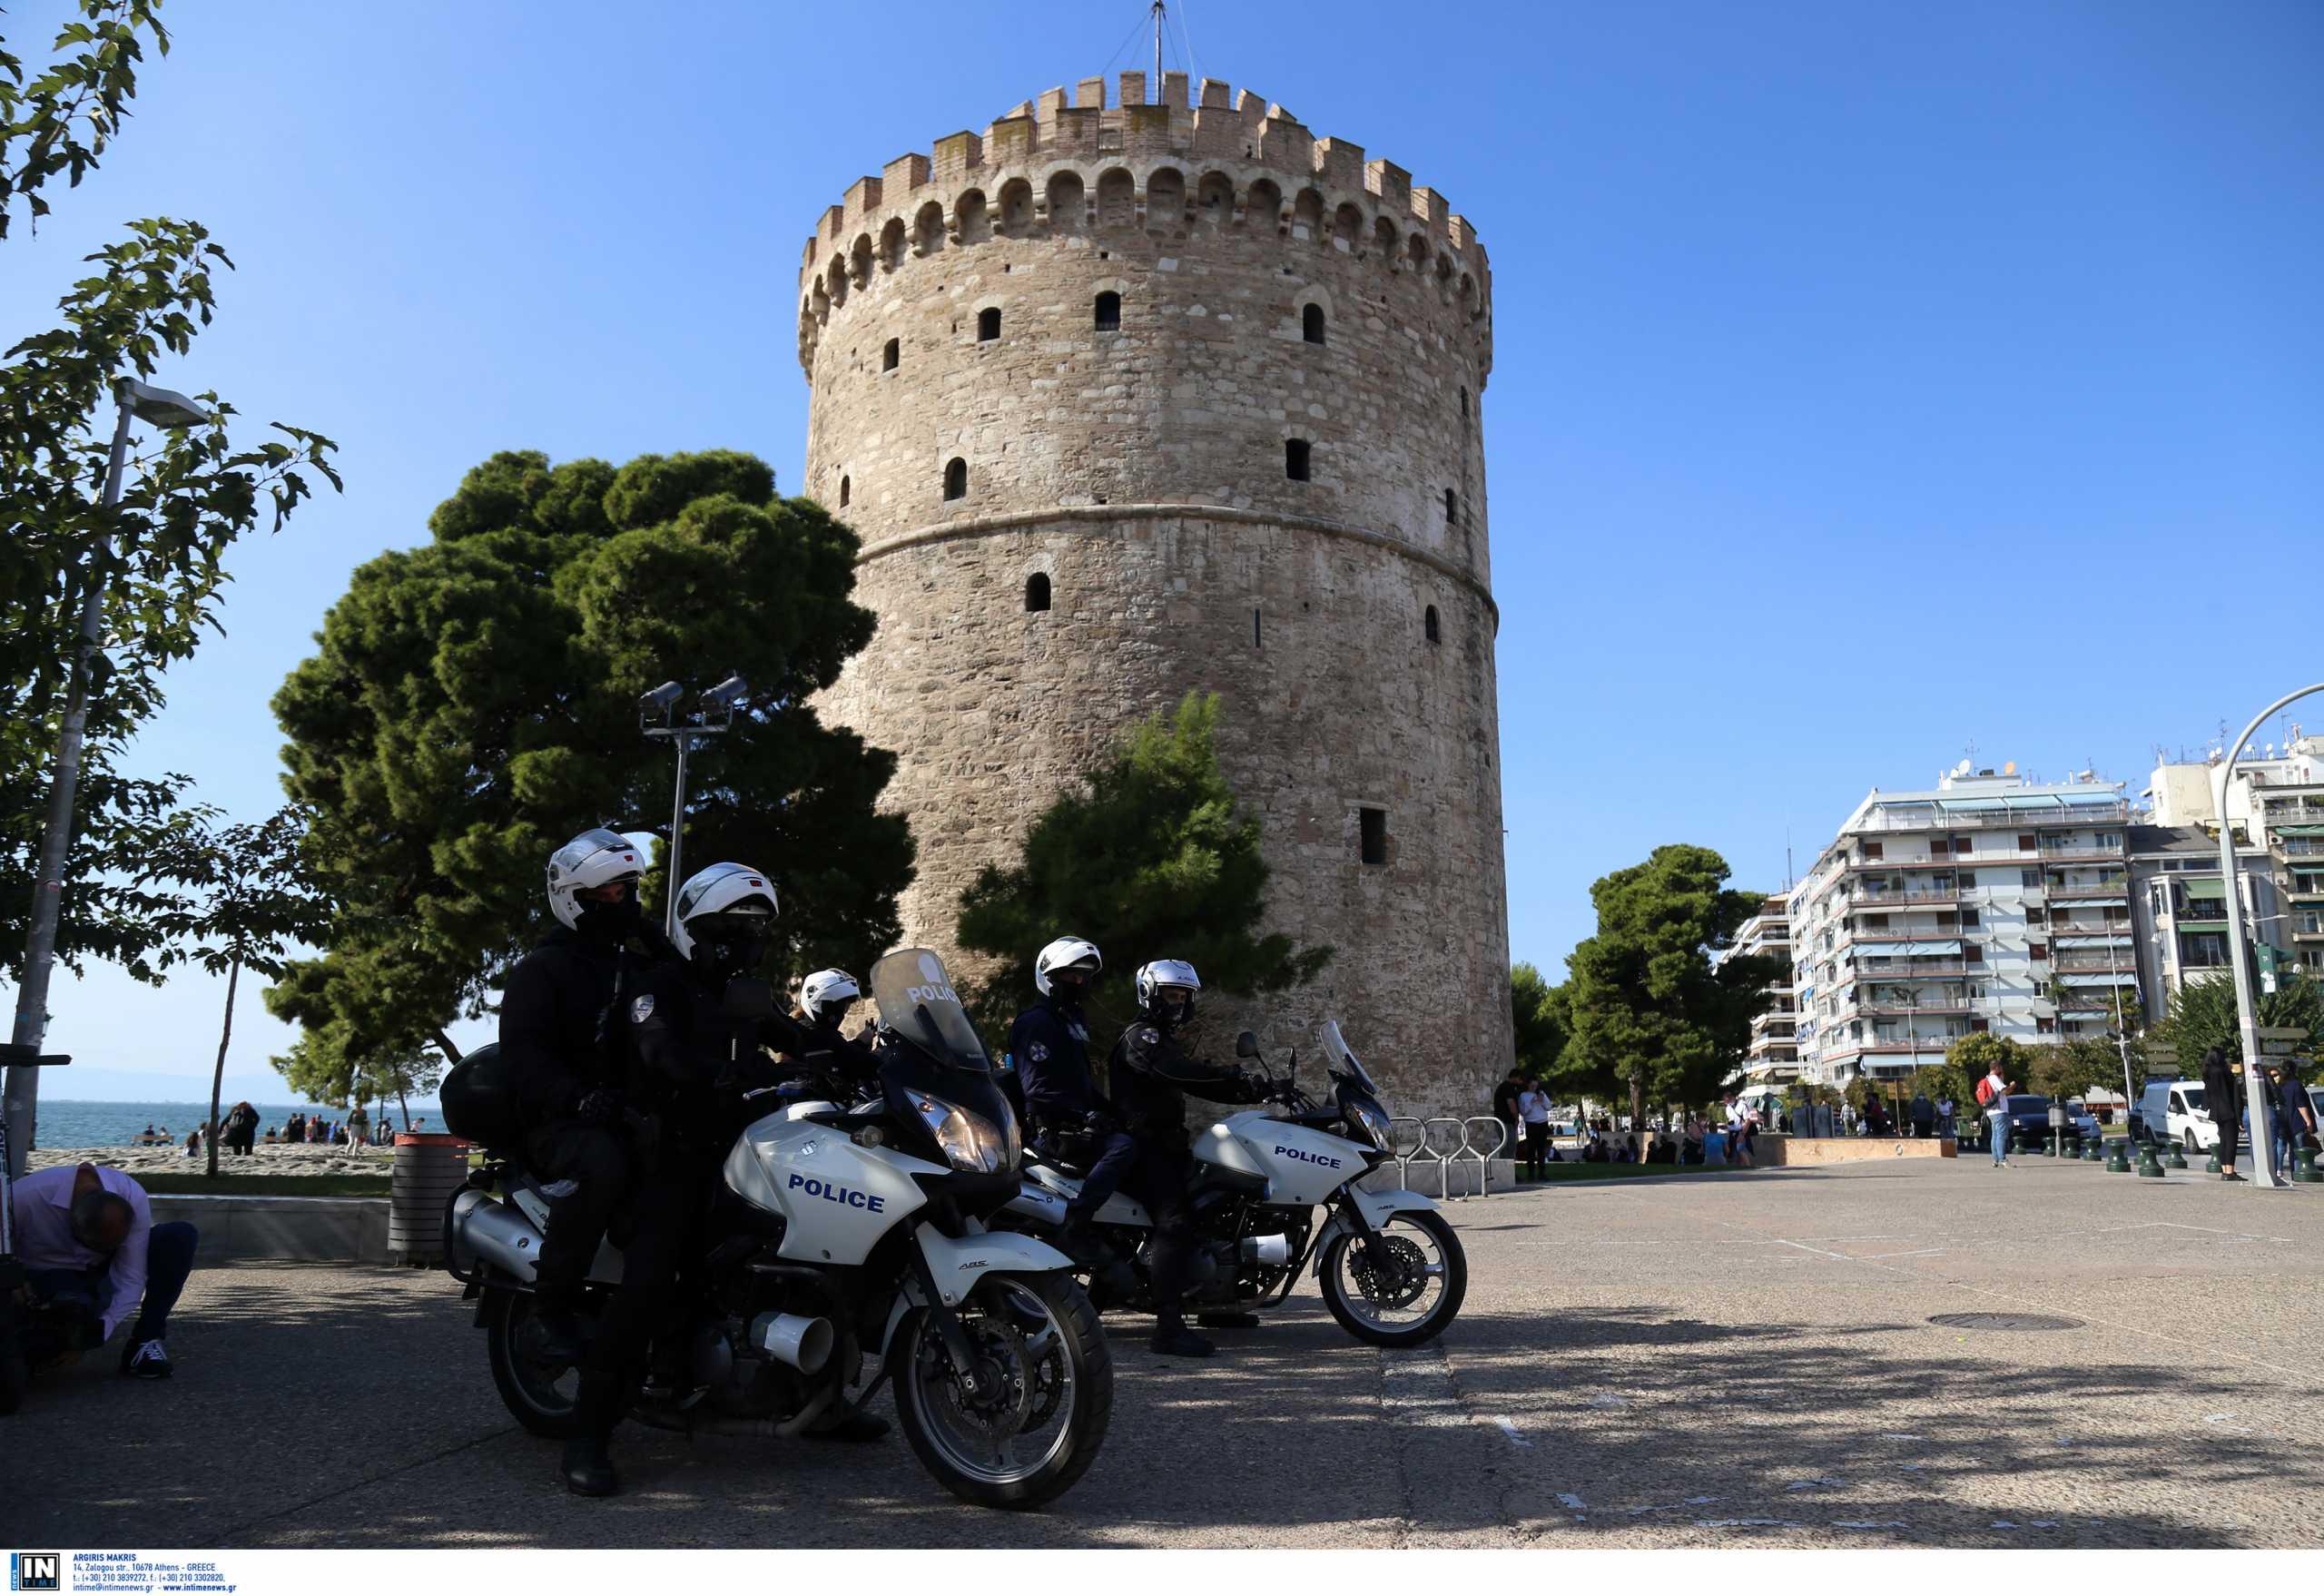 Θεσσαλονίκη – Κορονοϊός: Τι δείχνουν οι τελευταίες μετρήσεις στα λύματα για το ιικό φορτίο (pics)